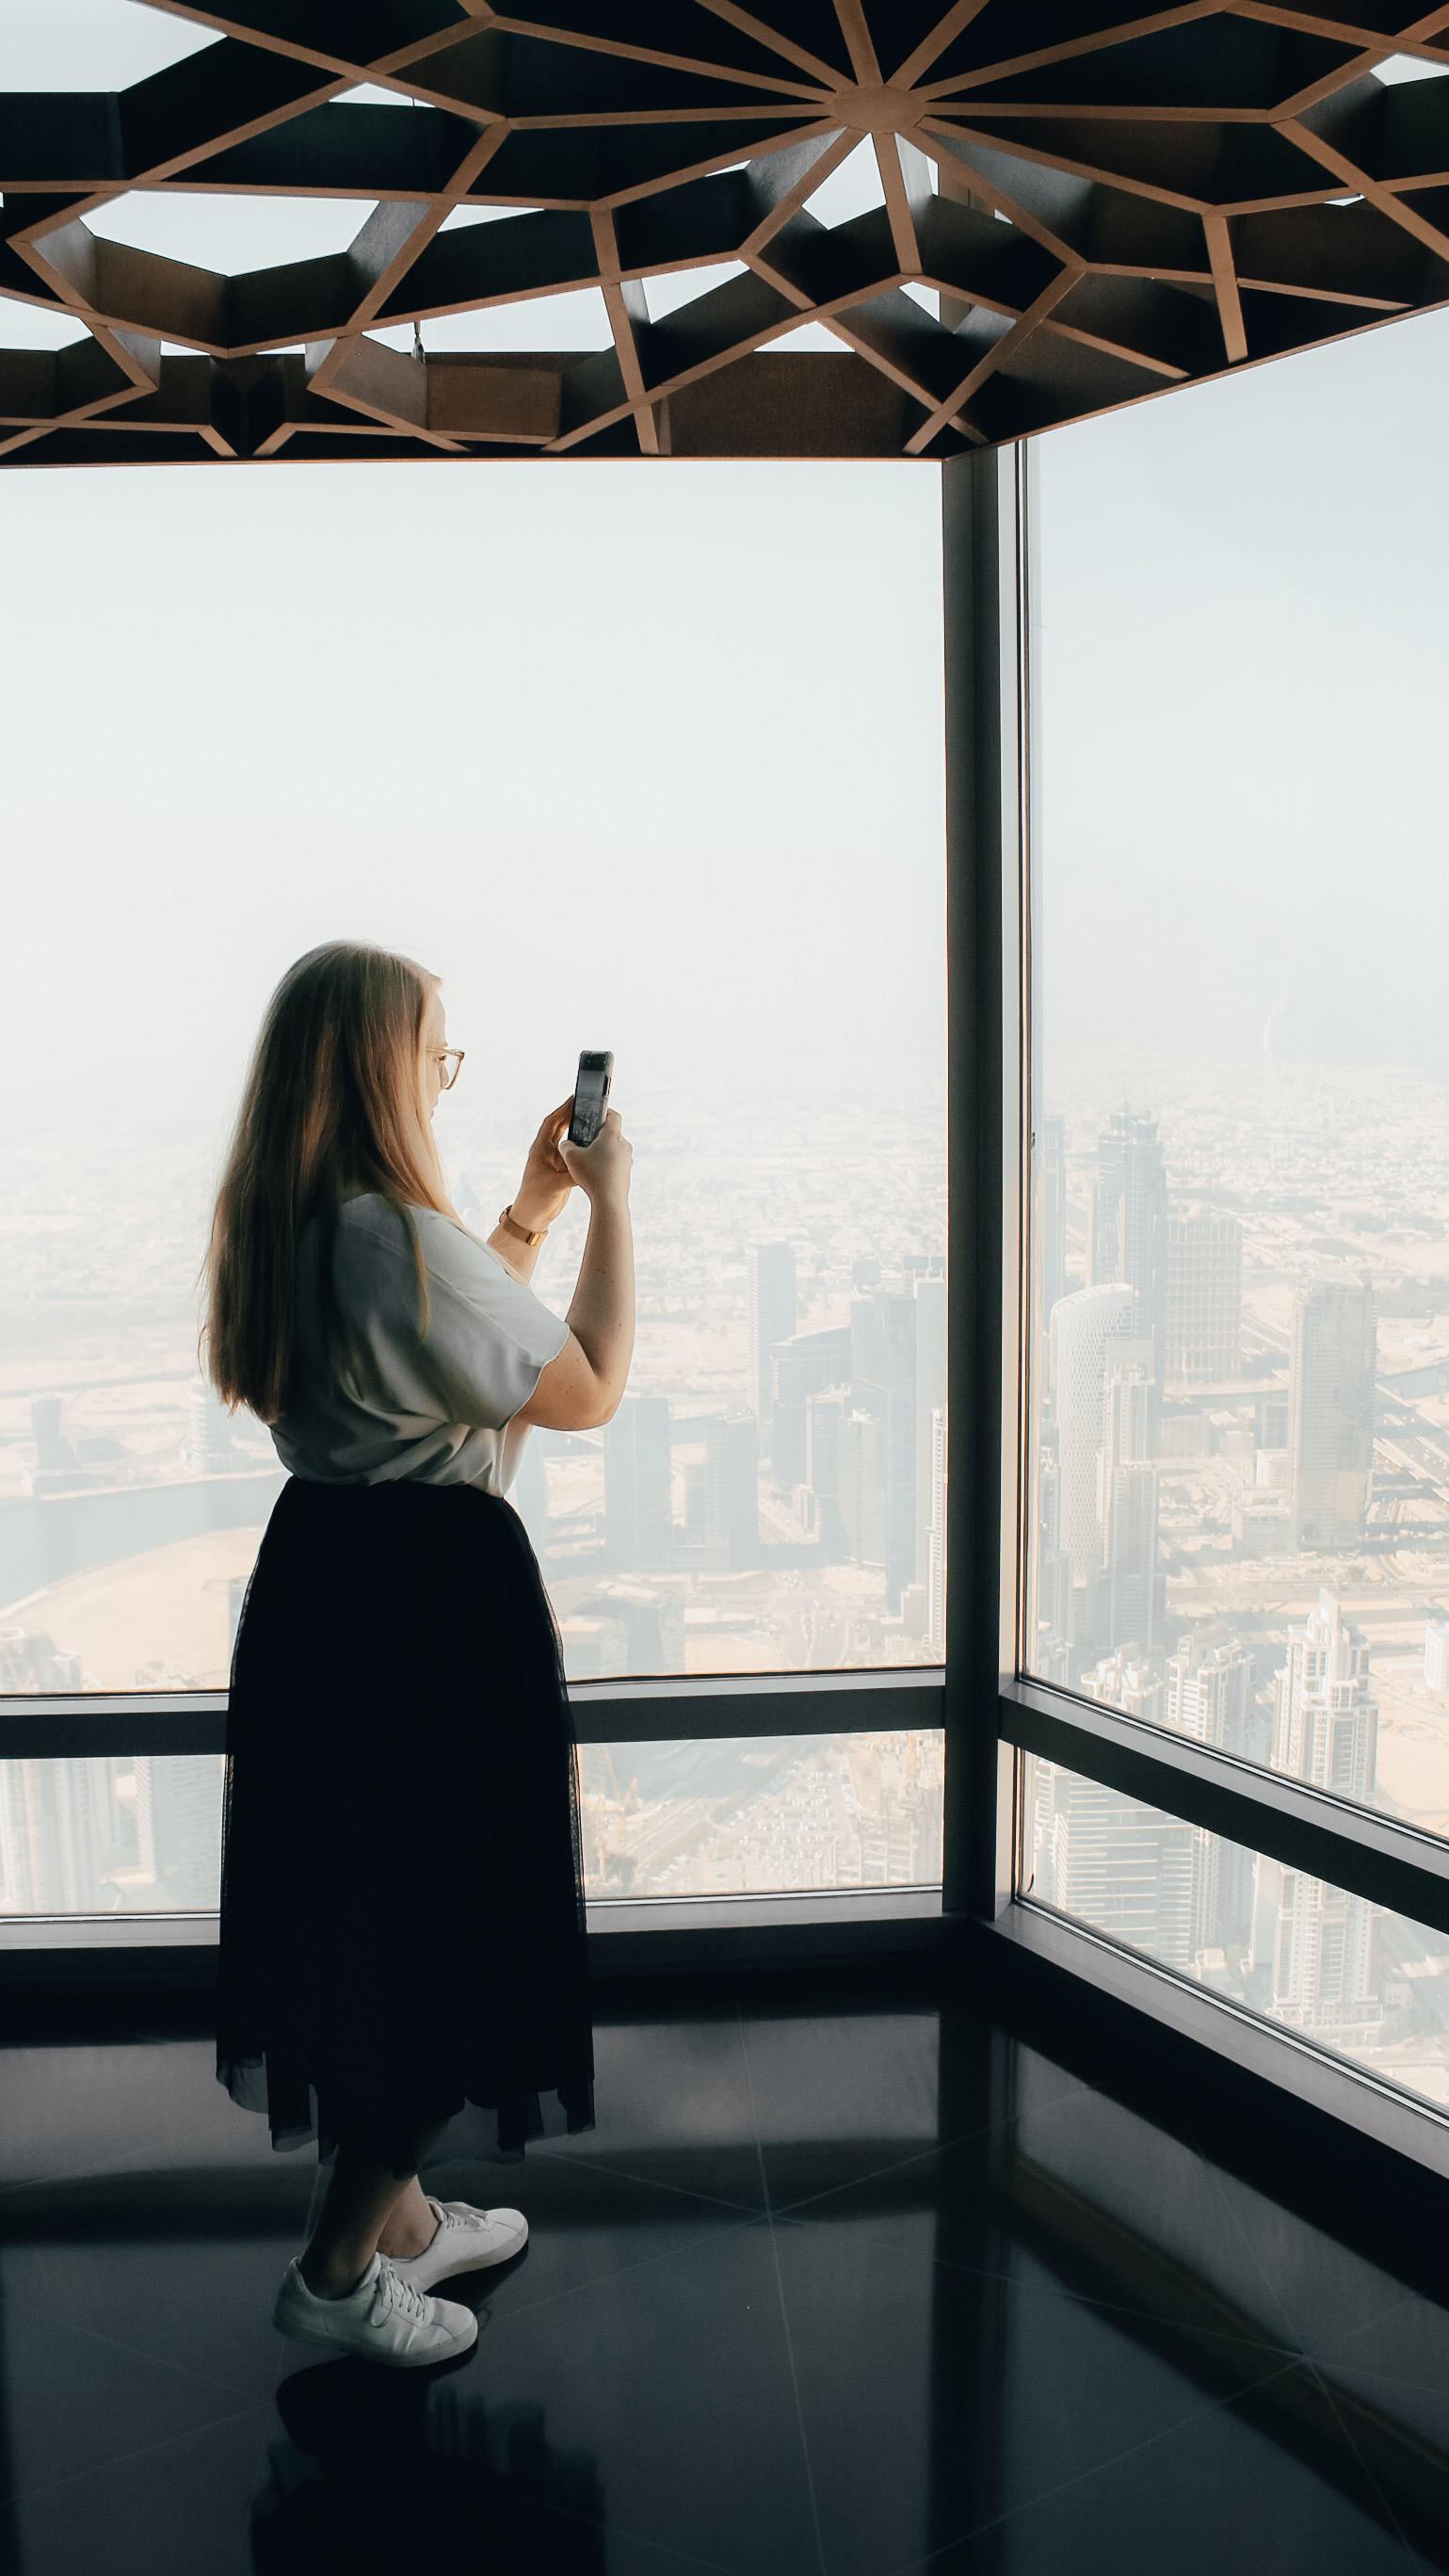 Dubai A-Ö | Dubai reseguide | Travel Guide Dubai | Burj Khalifa | By Sandramaria | Sandramarias.com